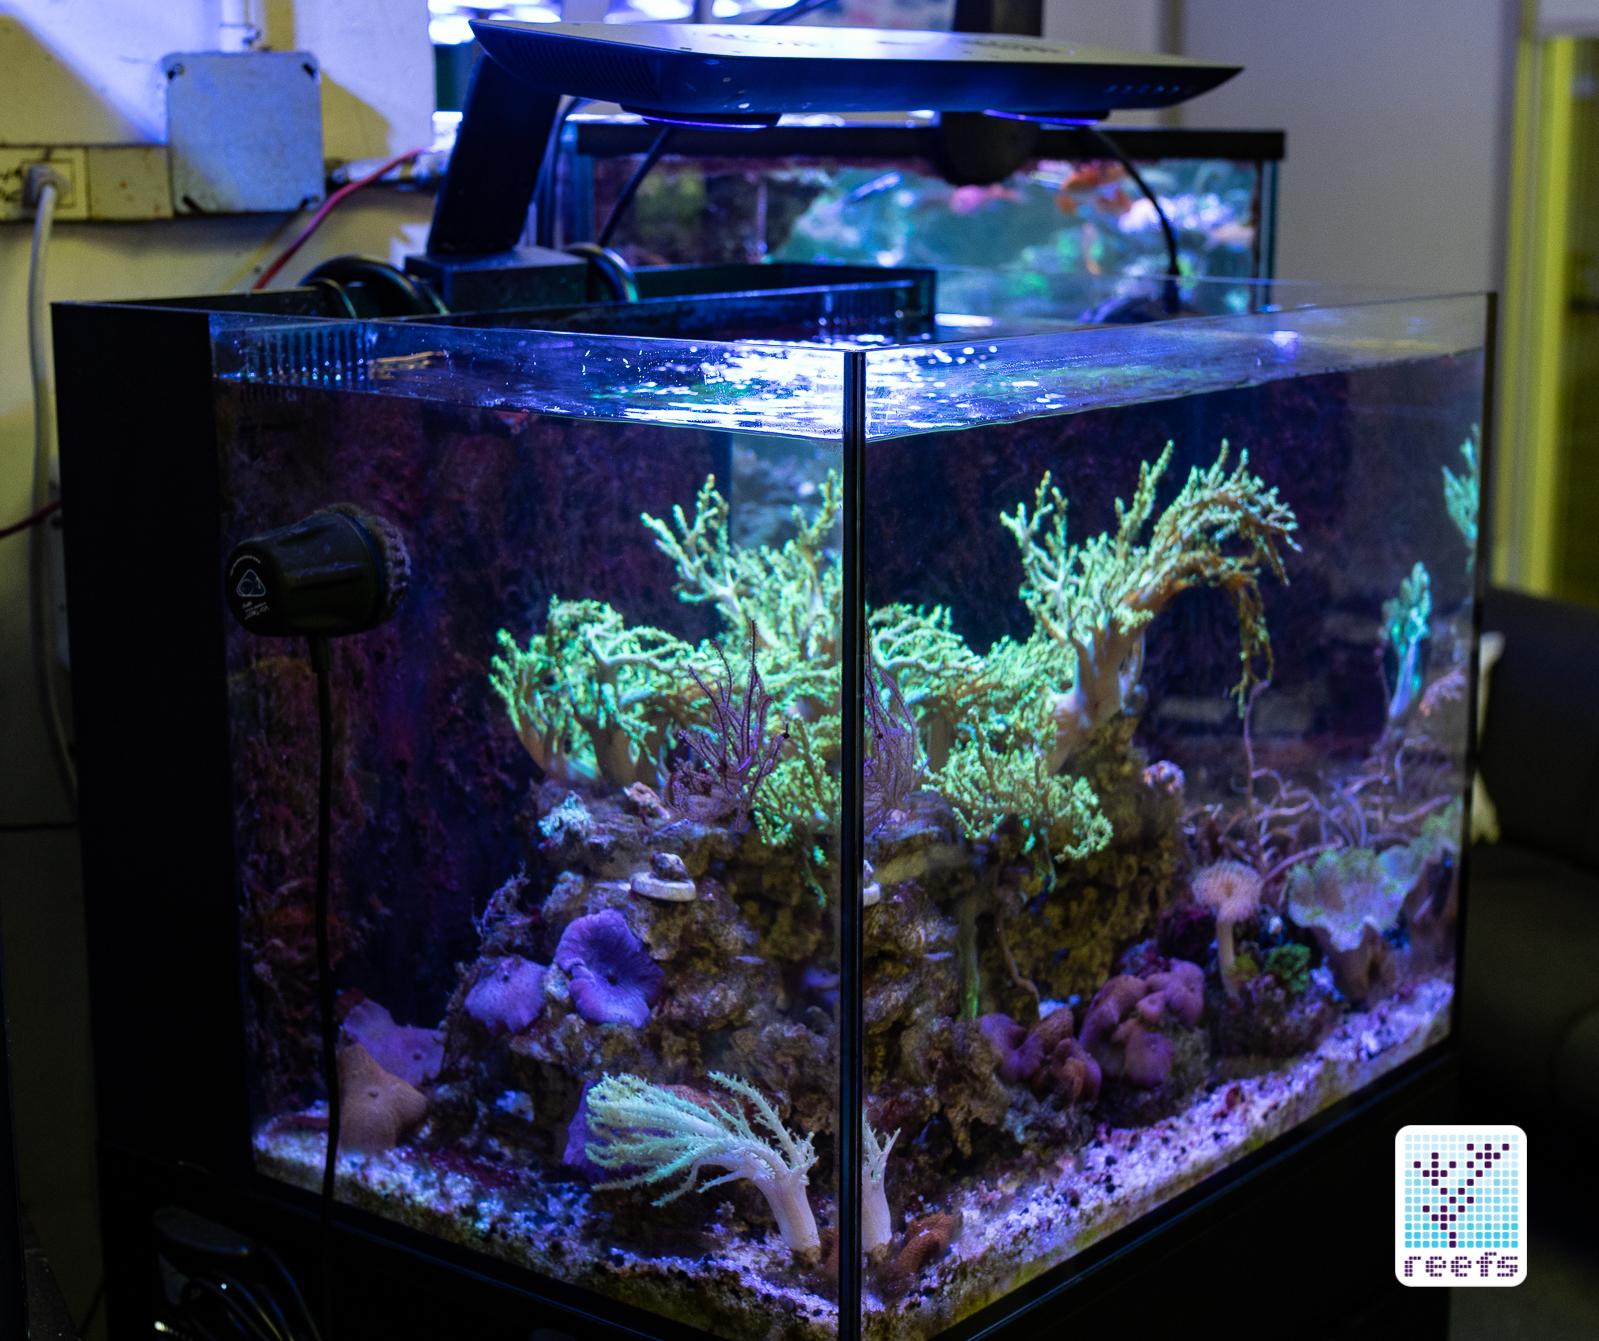 Cobalt Aquatics C-Vue Aquarium Kit: The Definitive Review